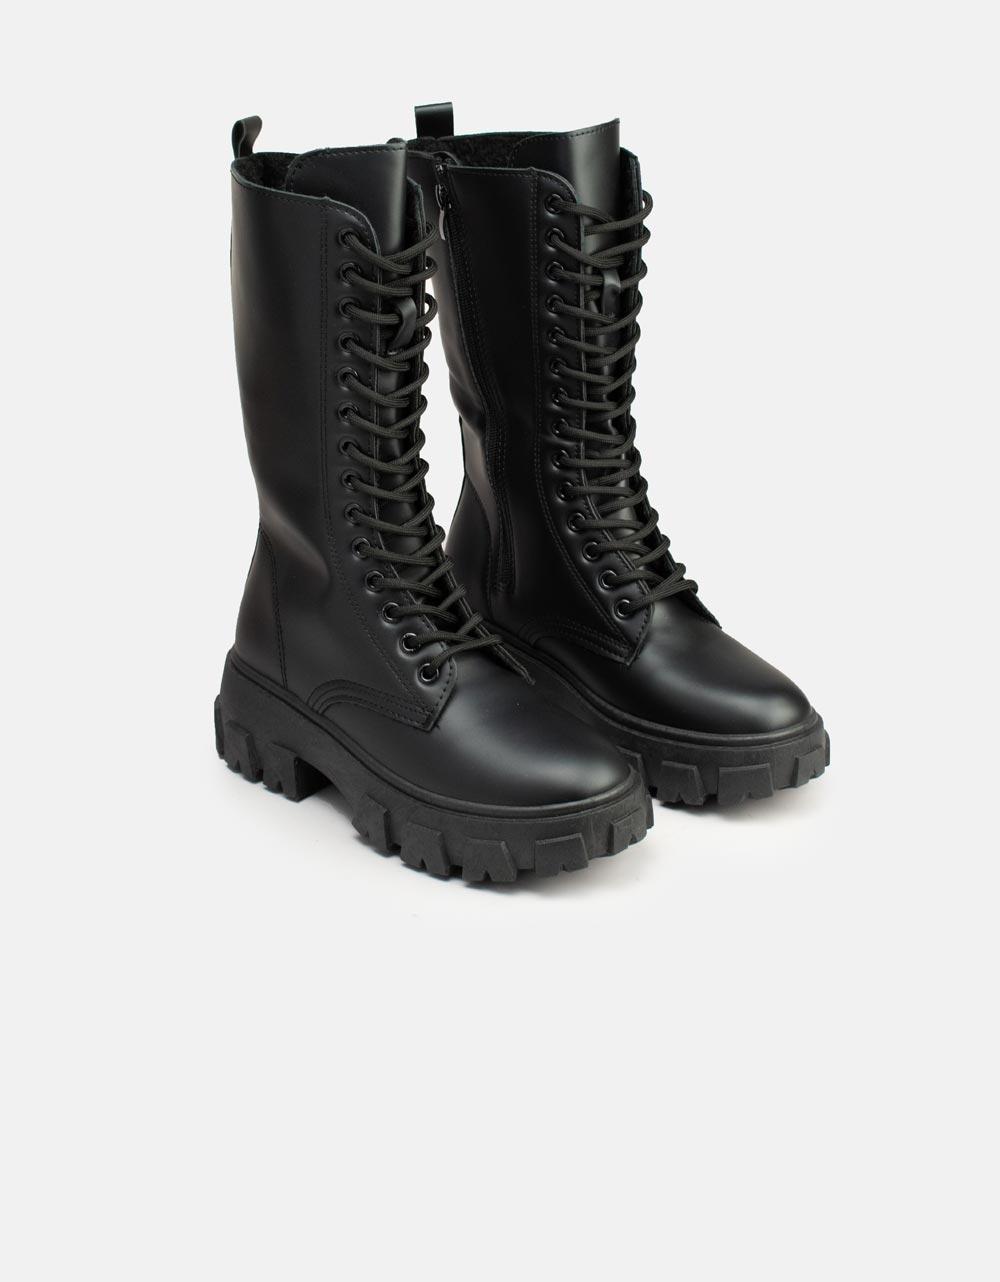 Εικόνα από Γυναικείες μπότες combat με τρακτερωτή σόλα Μαύρο